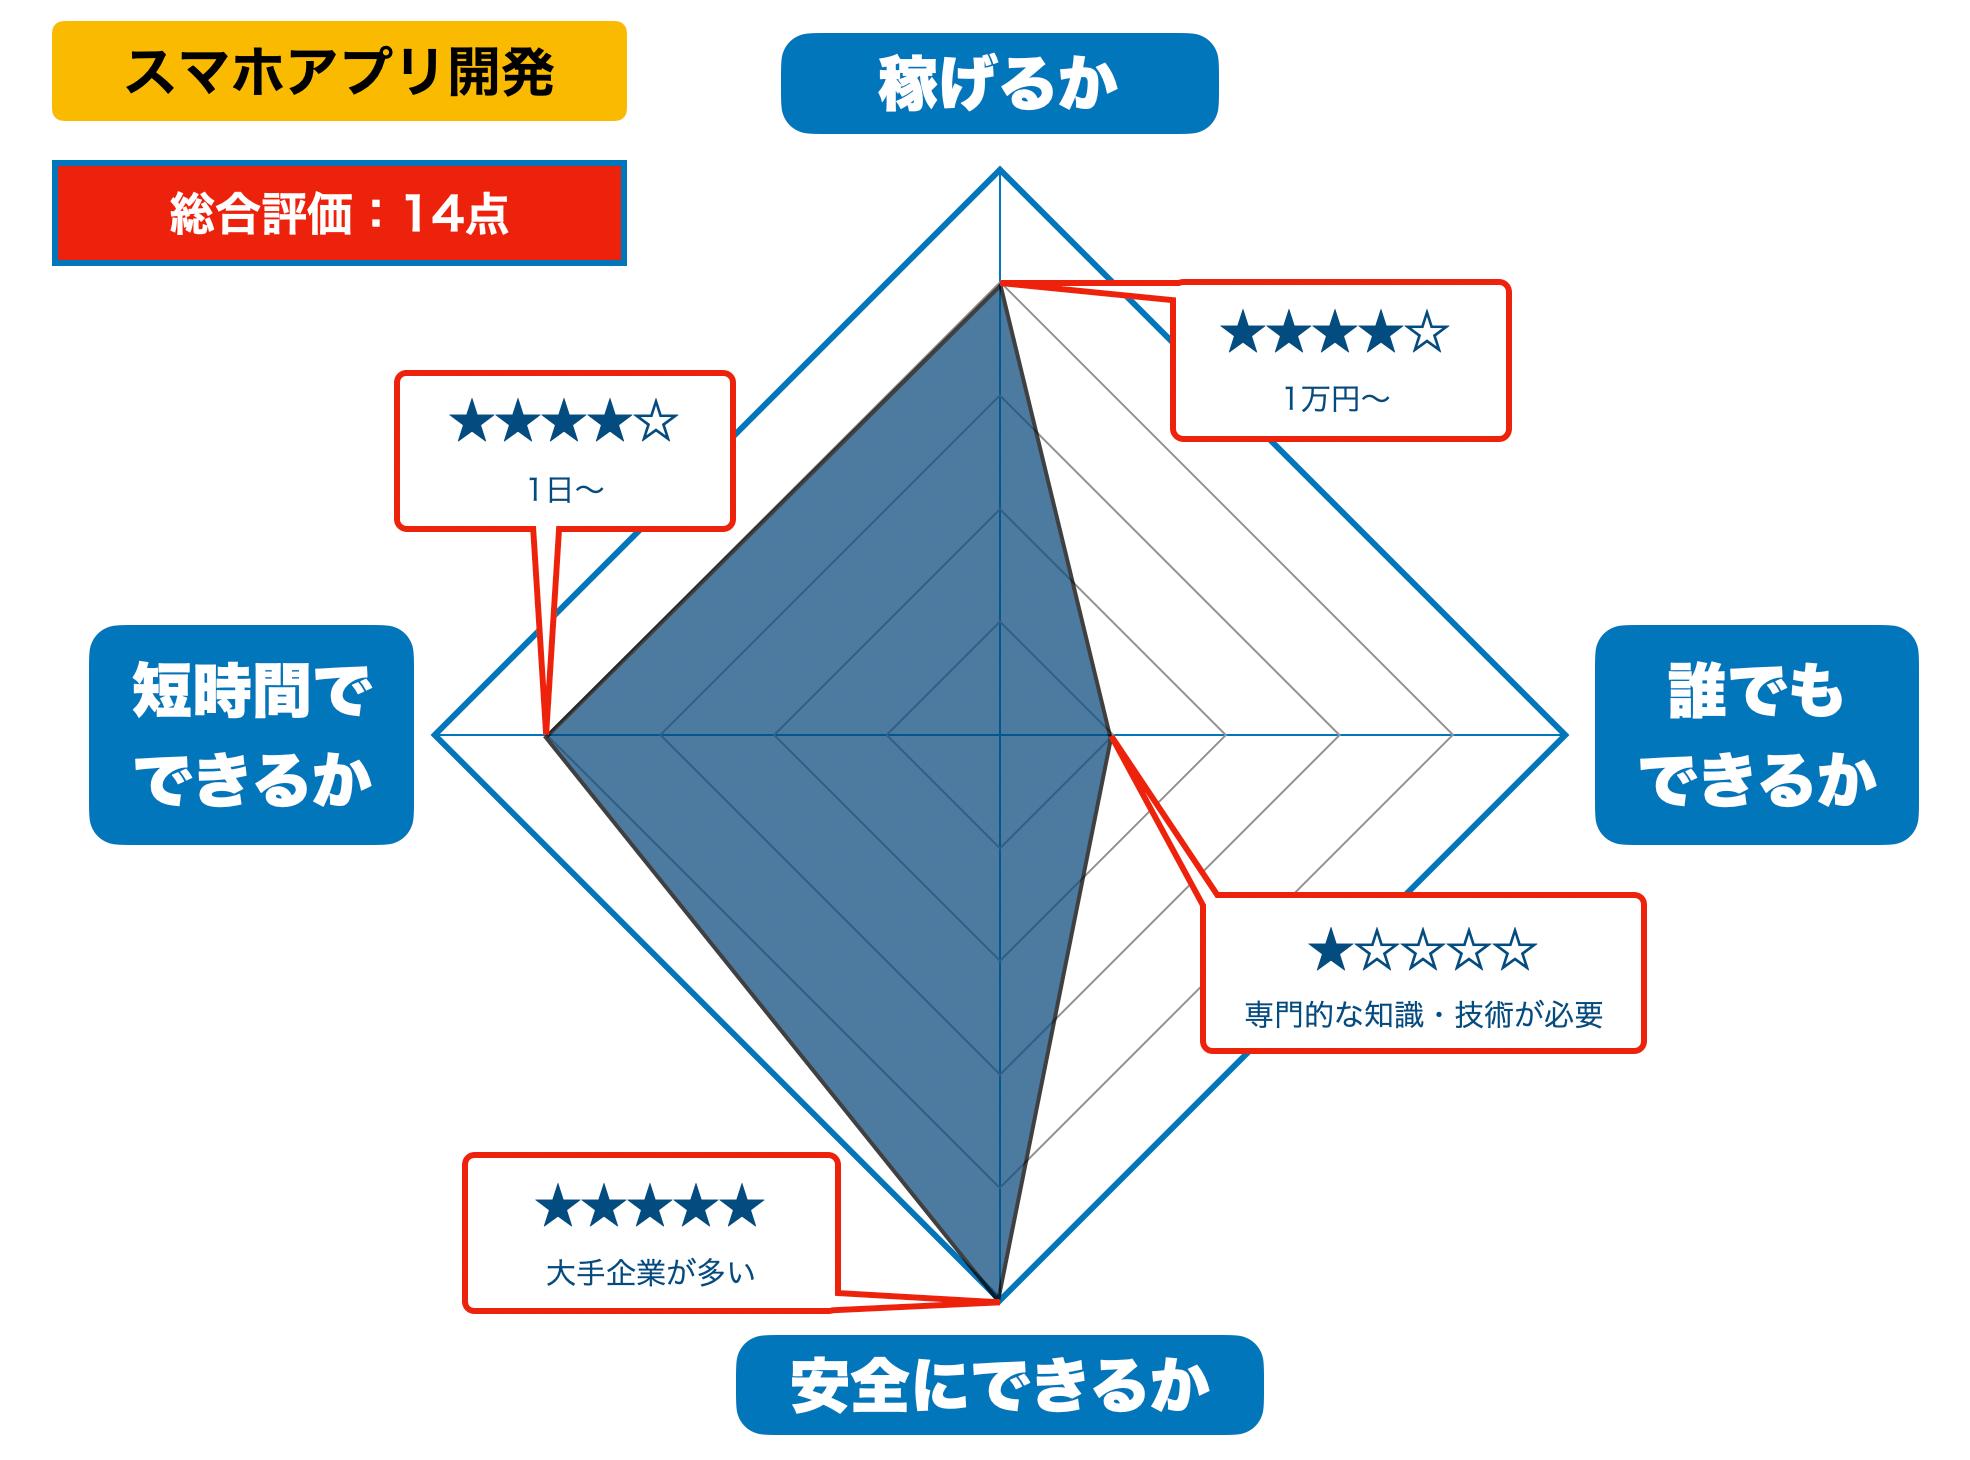 スマホアプリ開発の評価(2021年版)